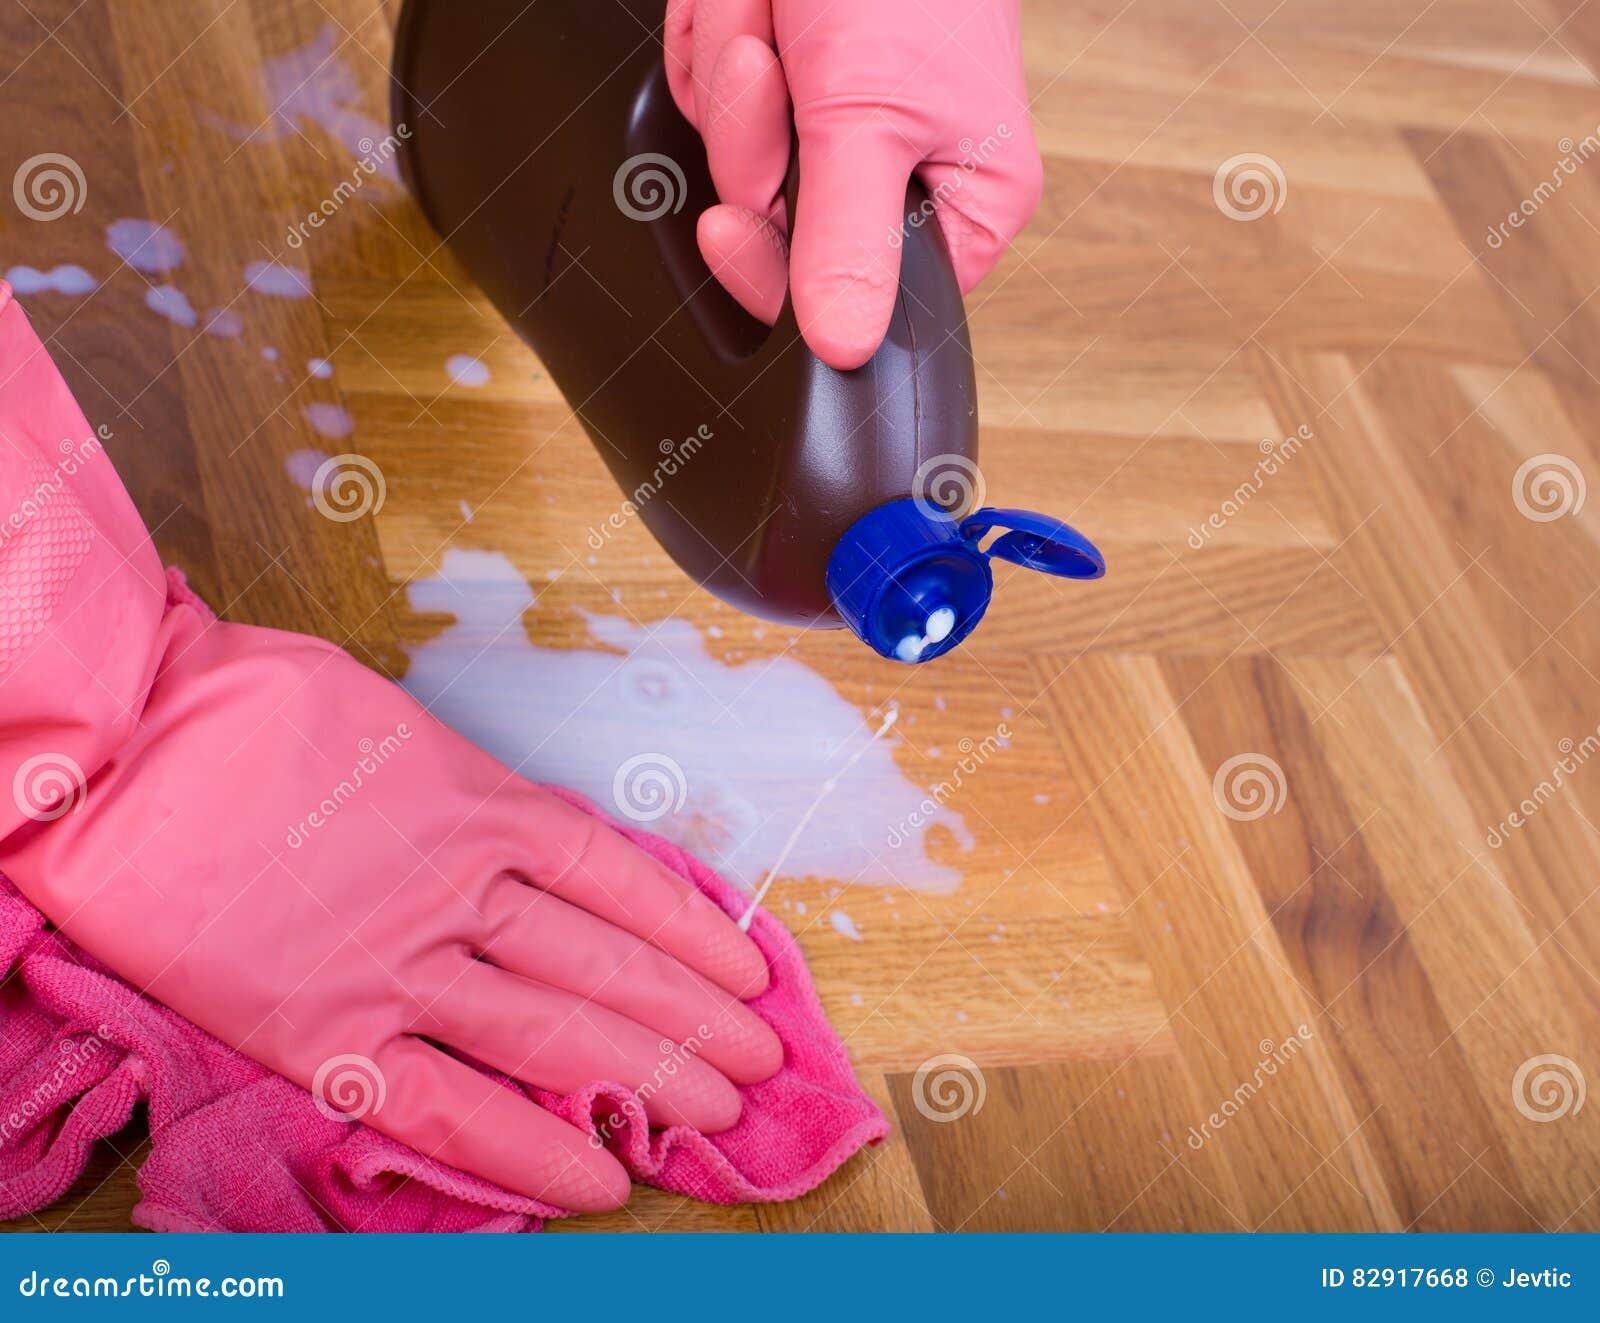 Σκουπίζοντας πάτωμα χεριών